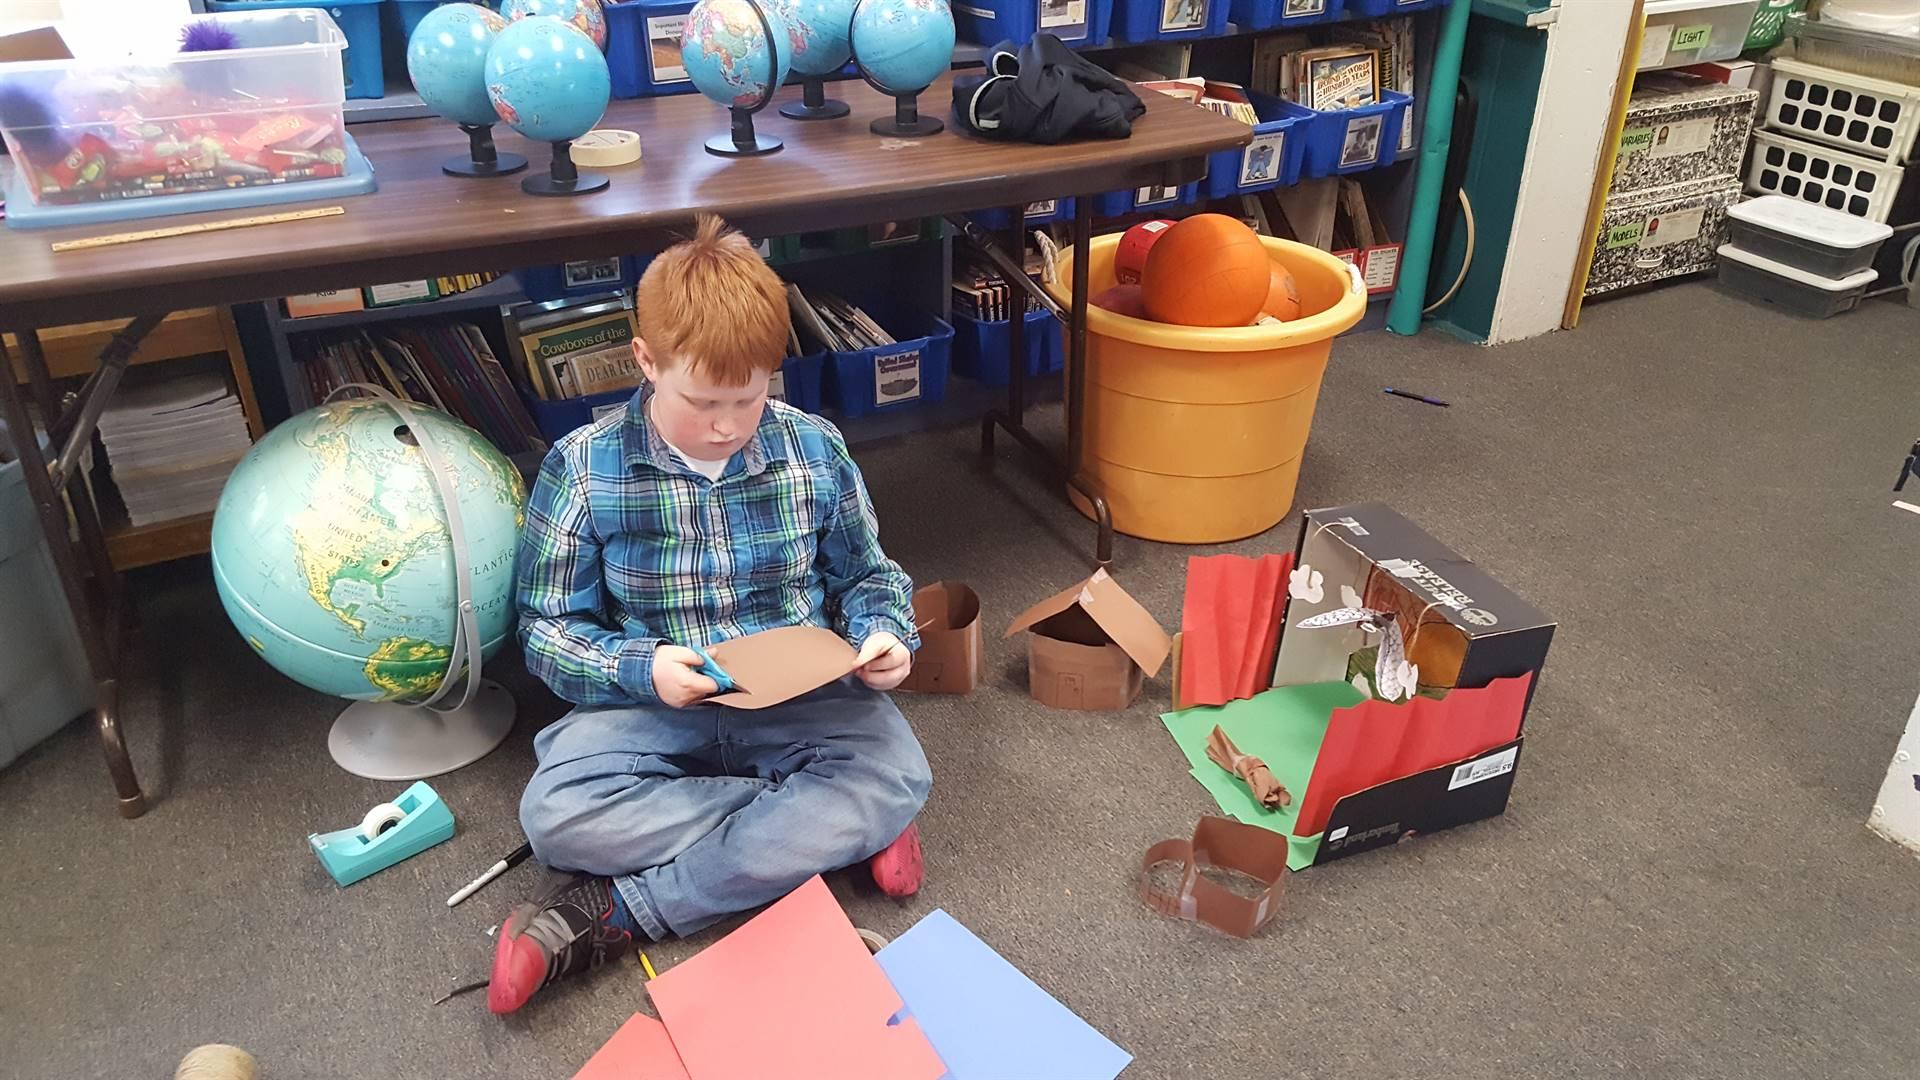 Borders at Play Preparation